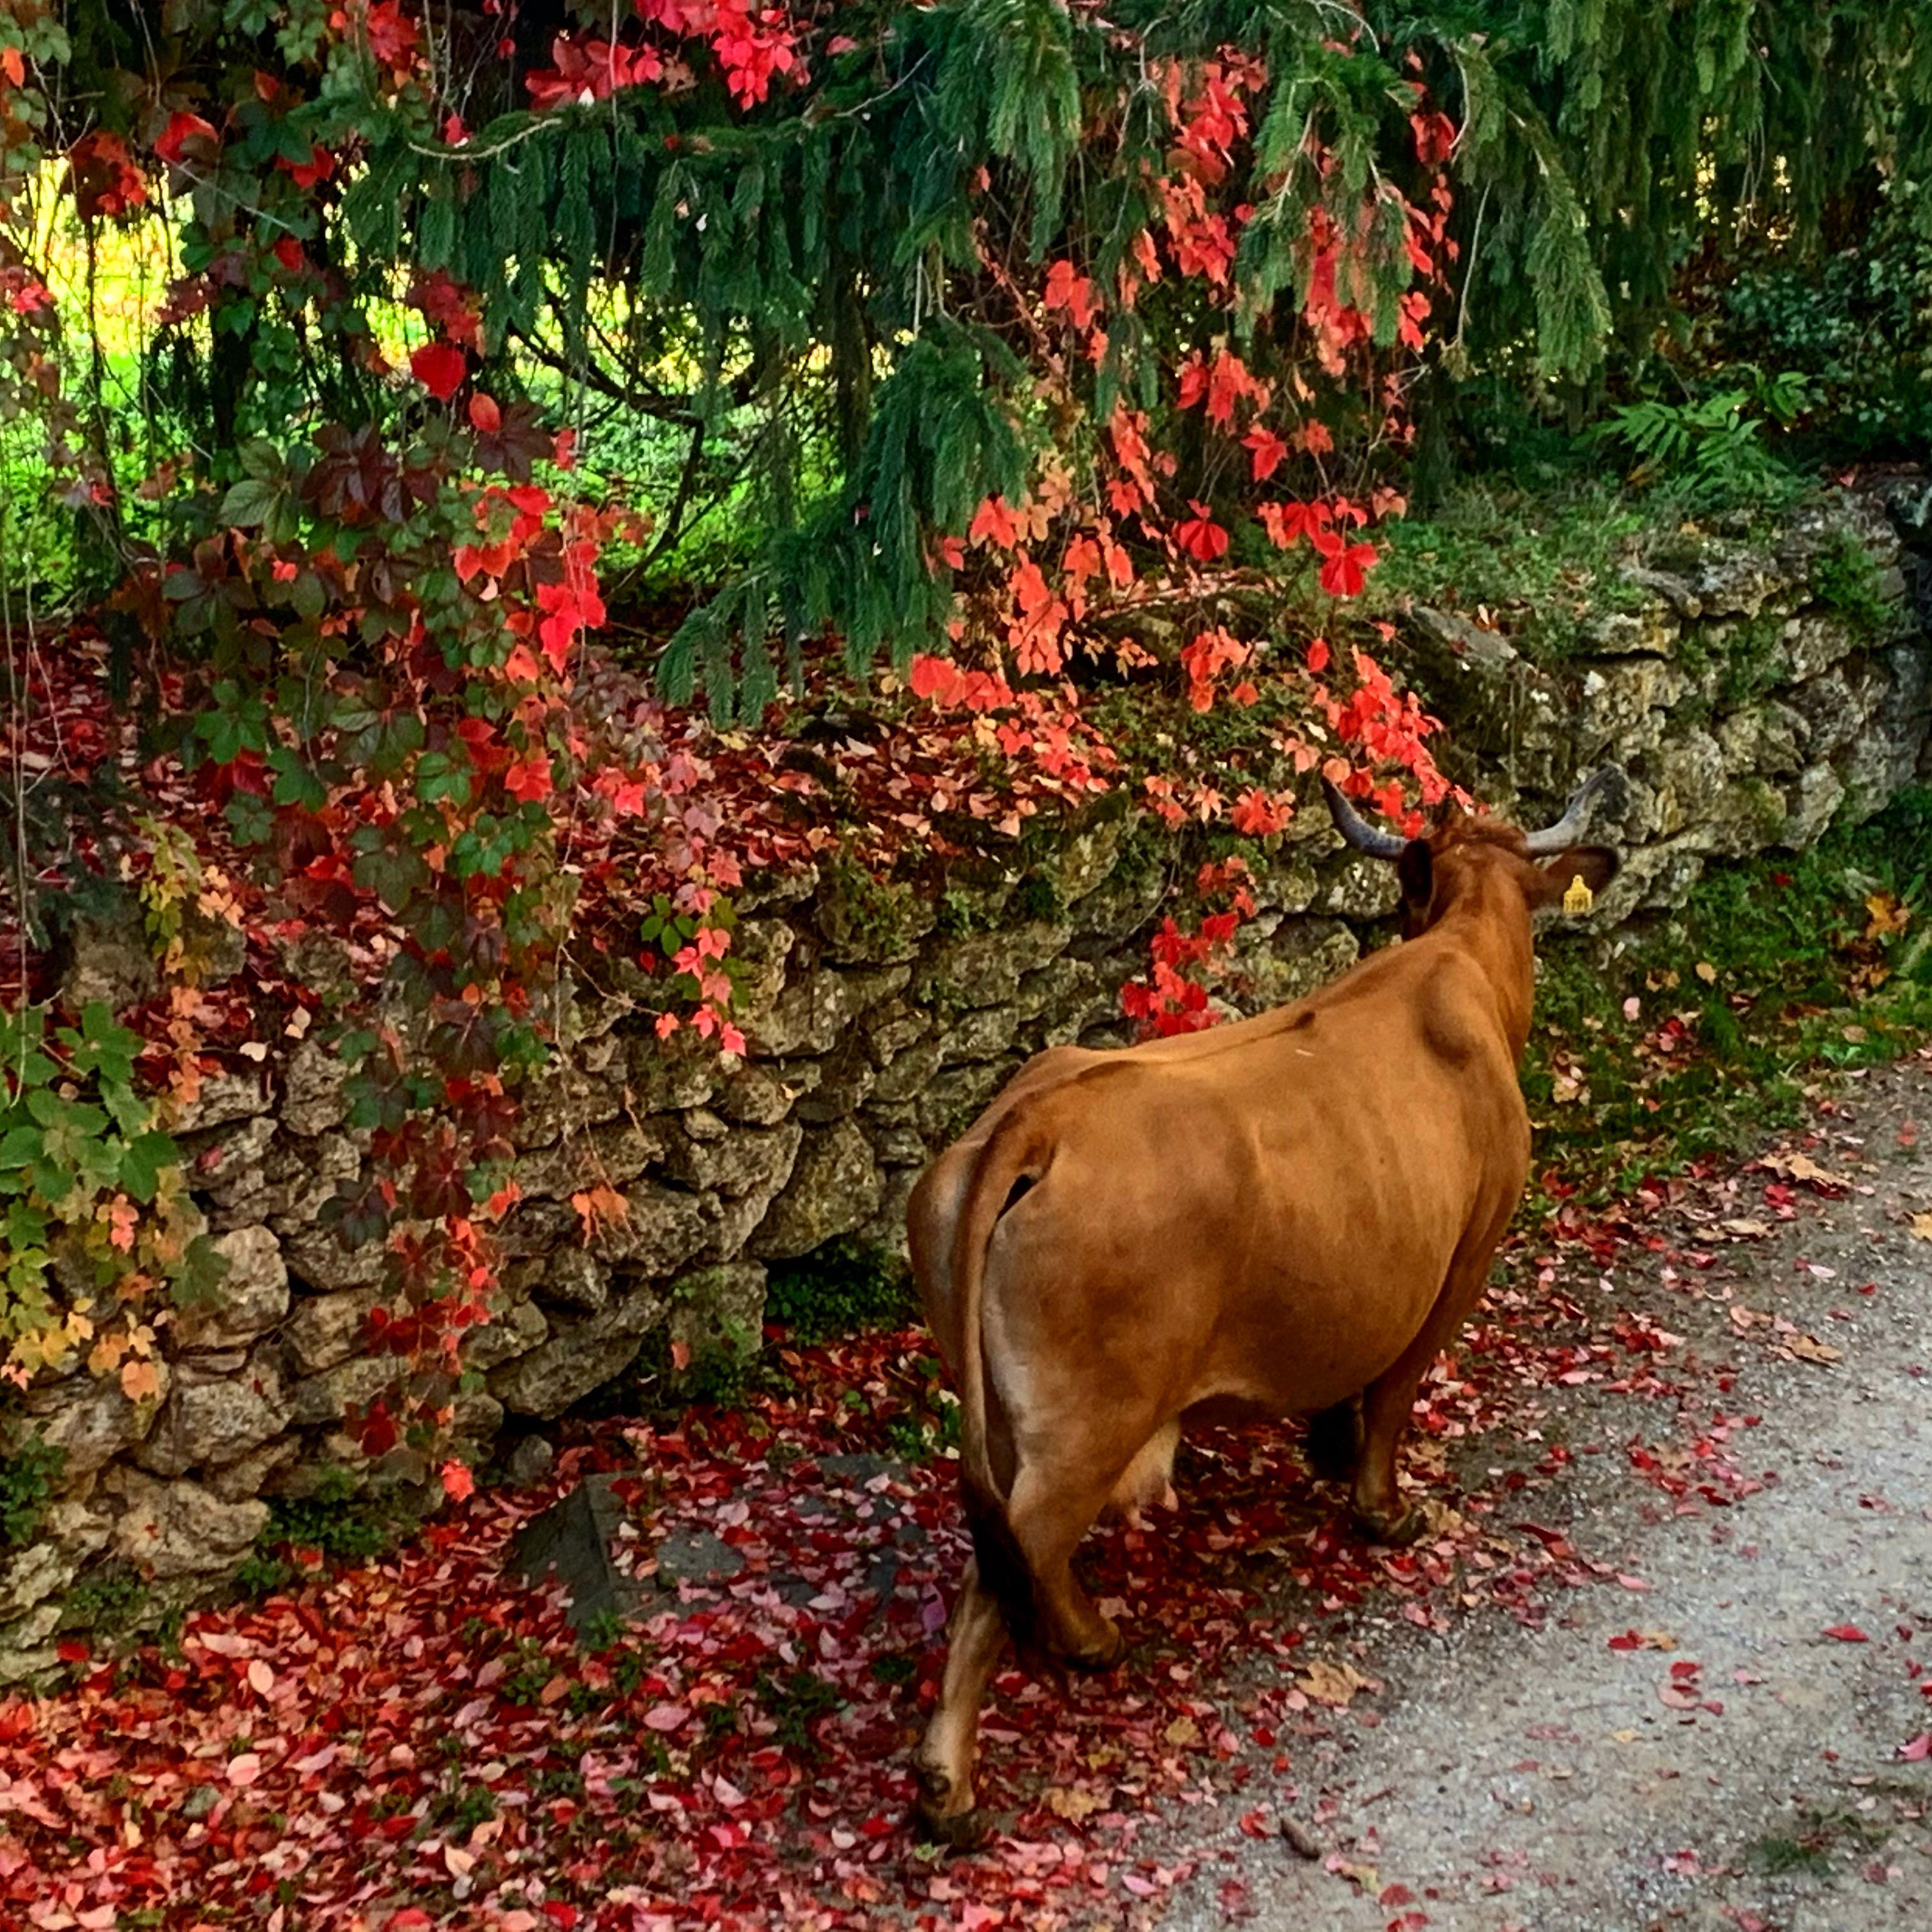 Bea passeggia per la strada